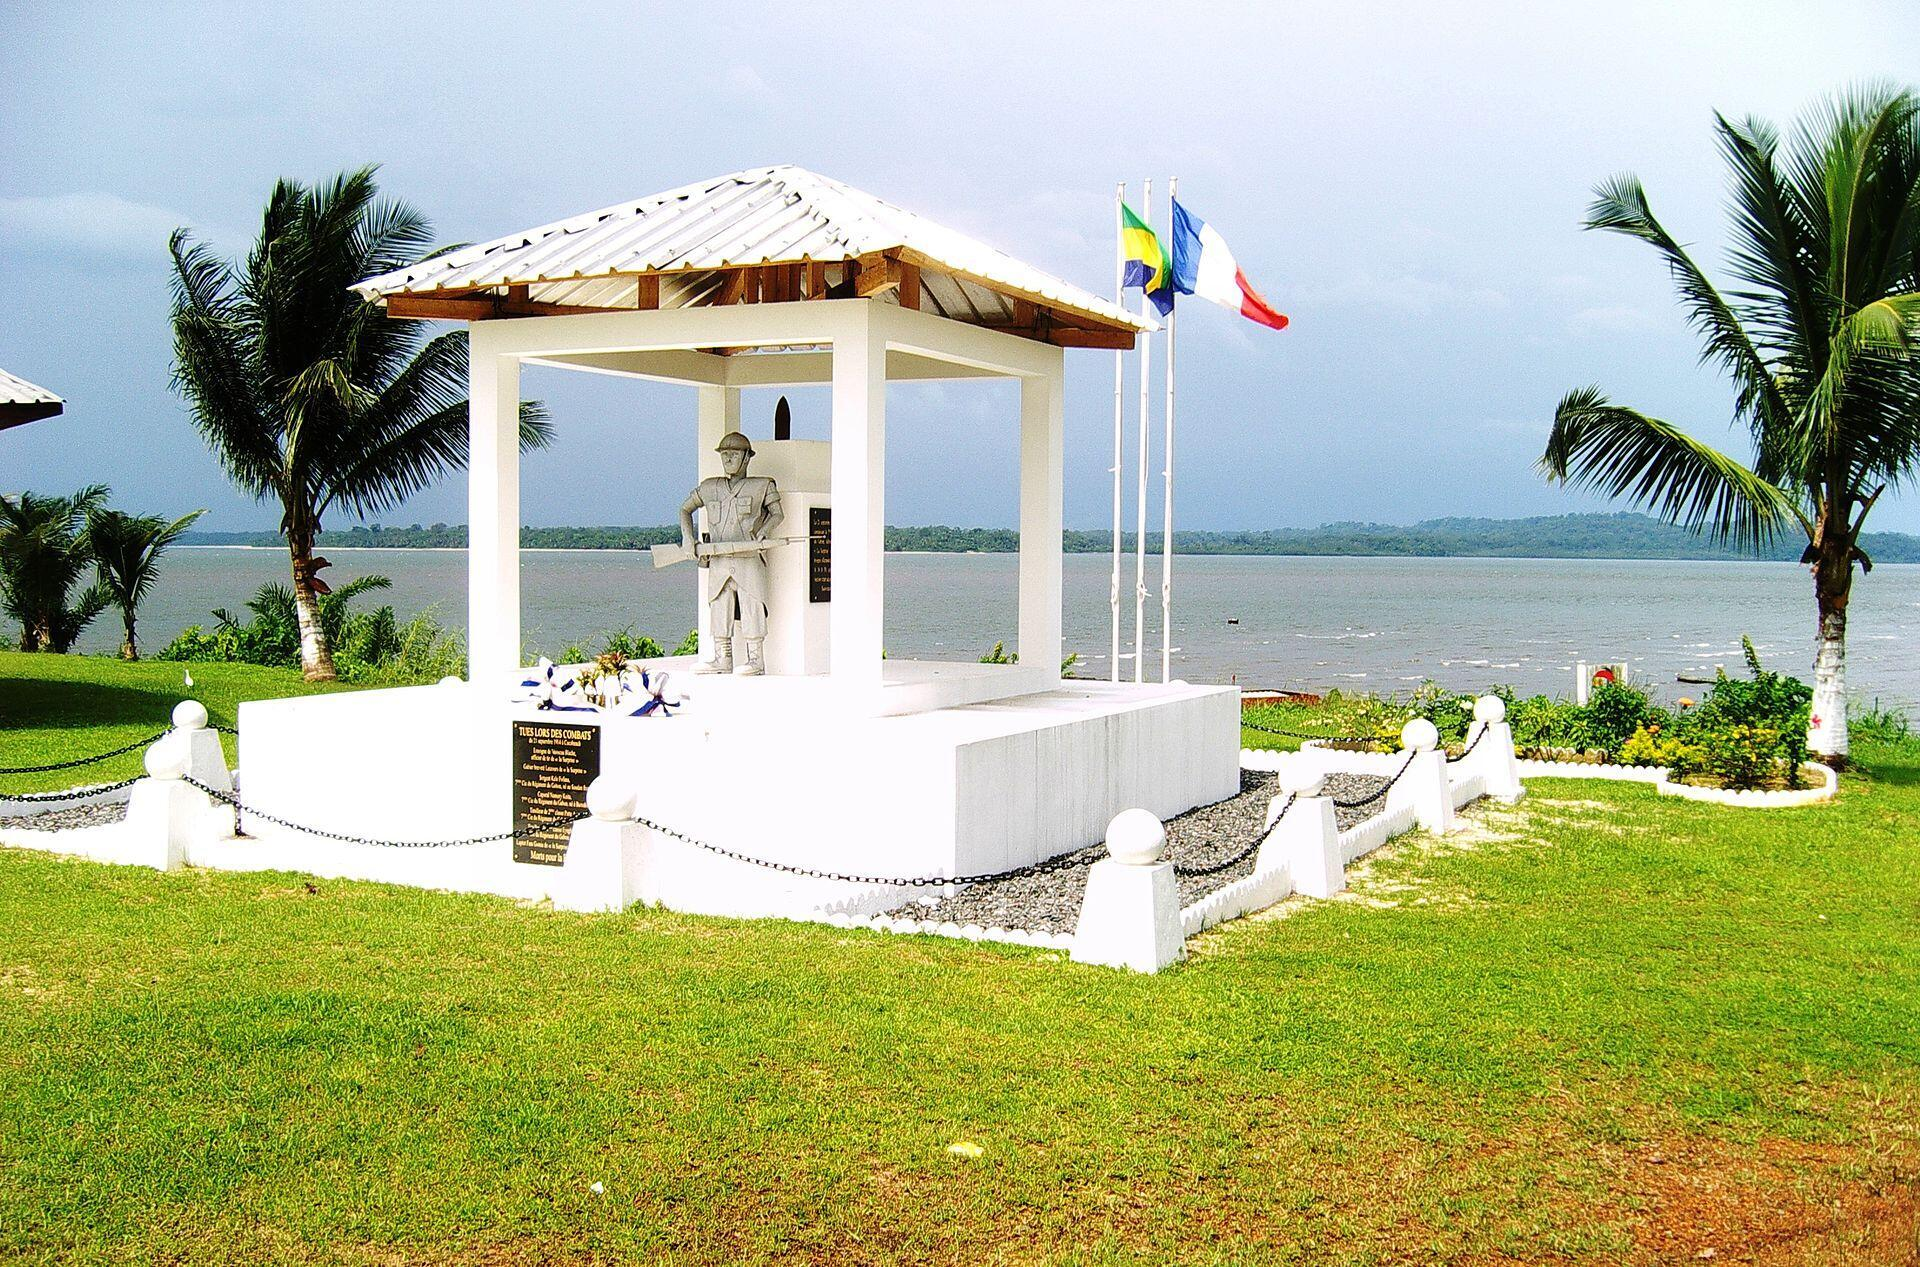 Monument aux morts de la bataille de Cocobeach de septembre 1914 au Gabon.